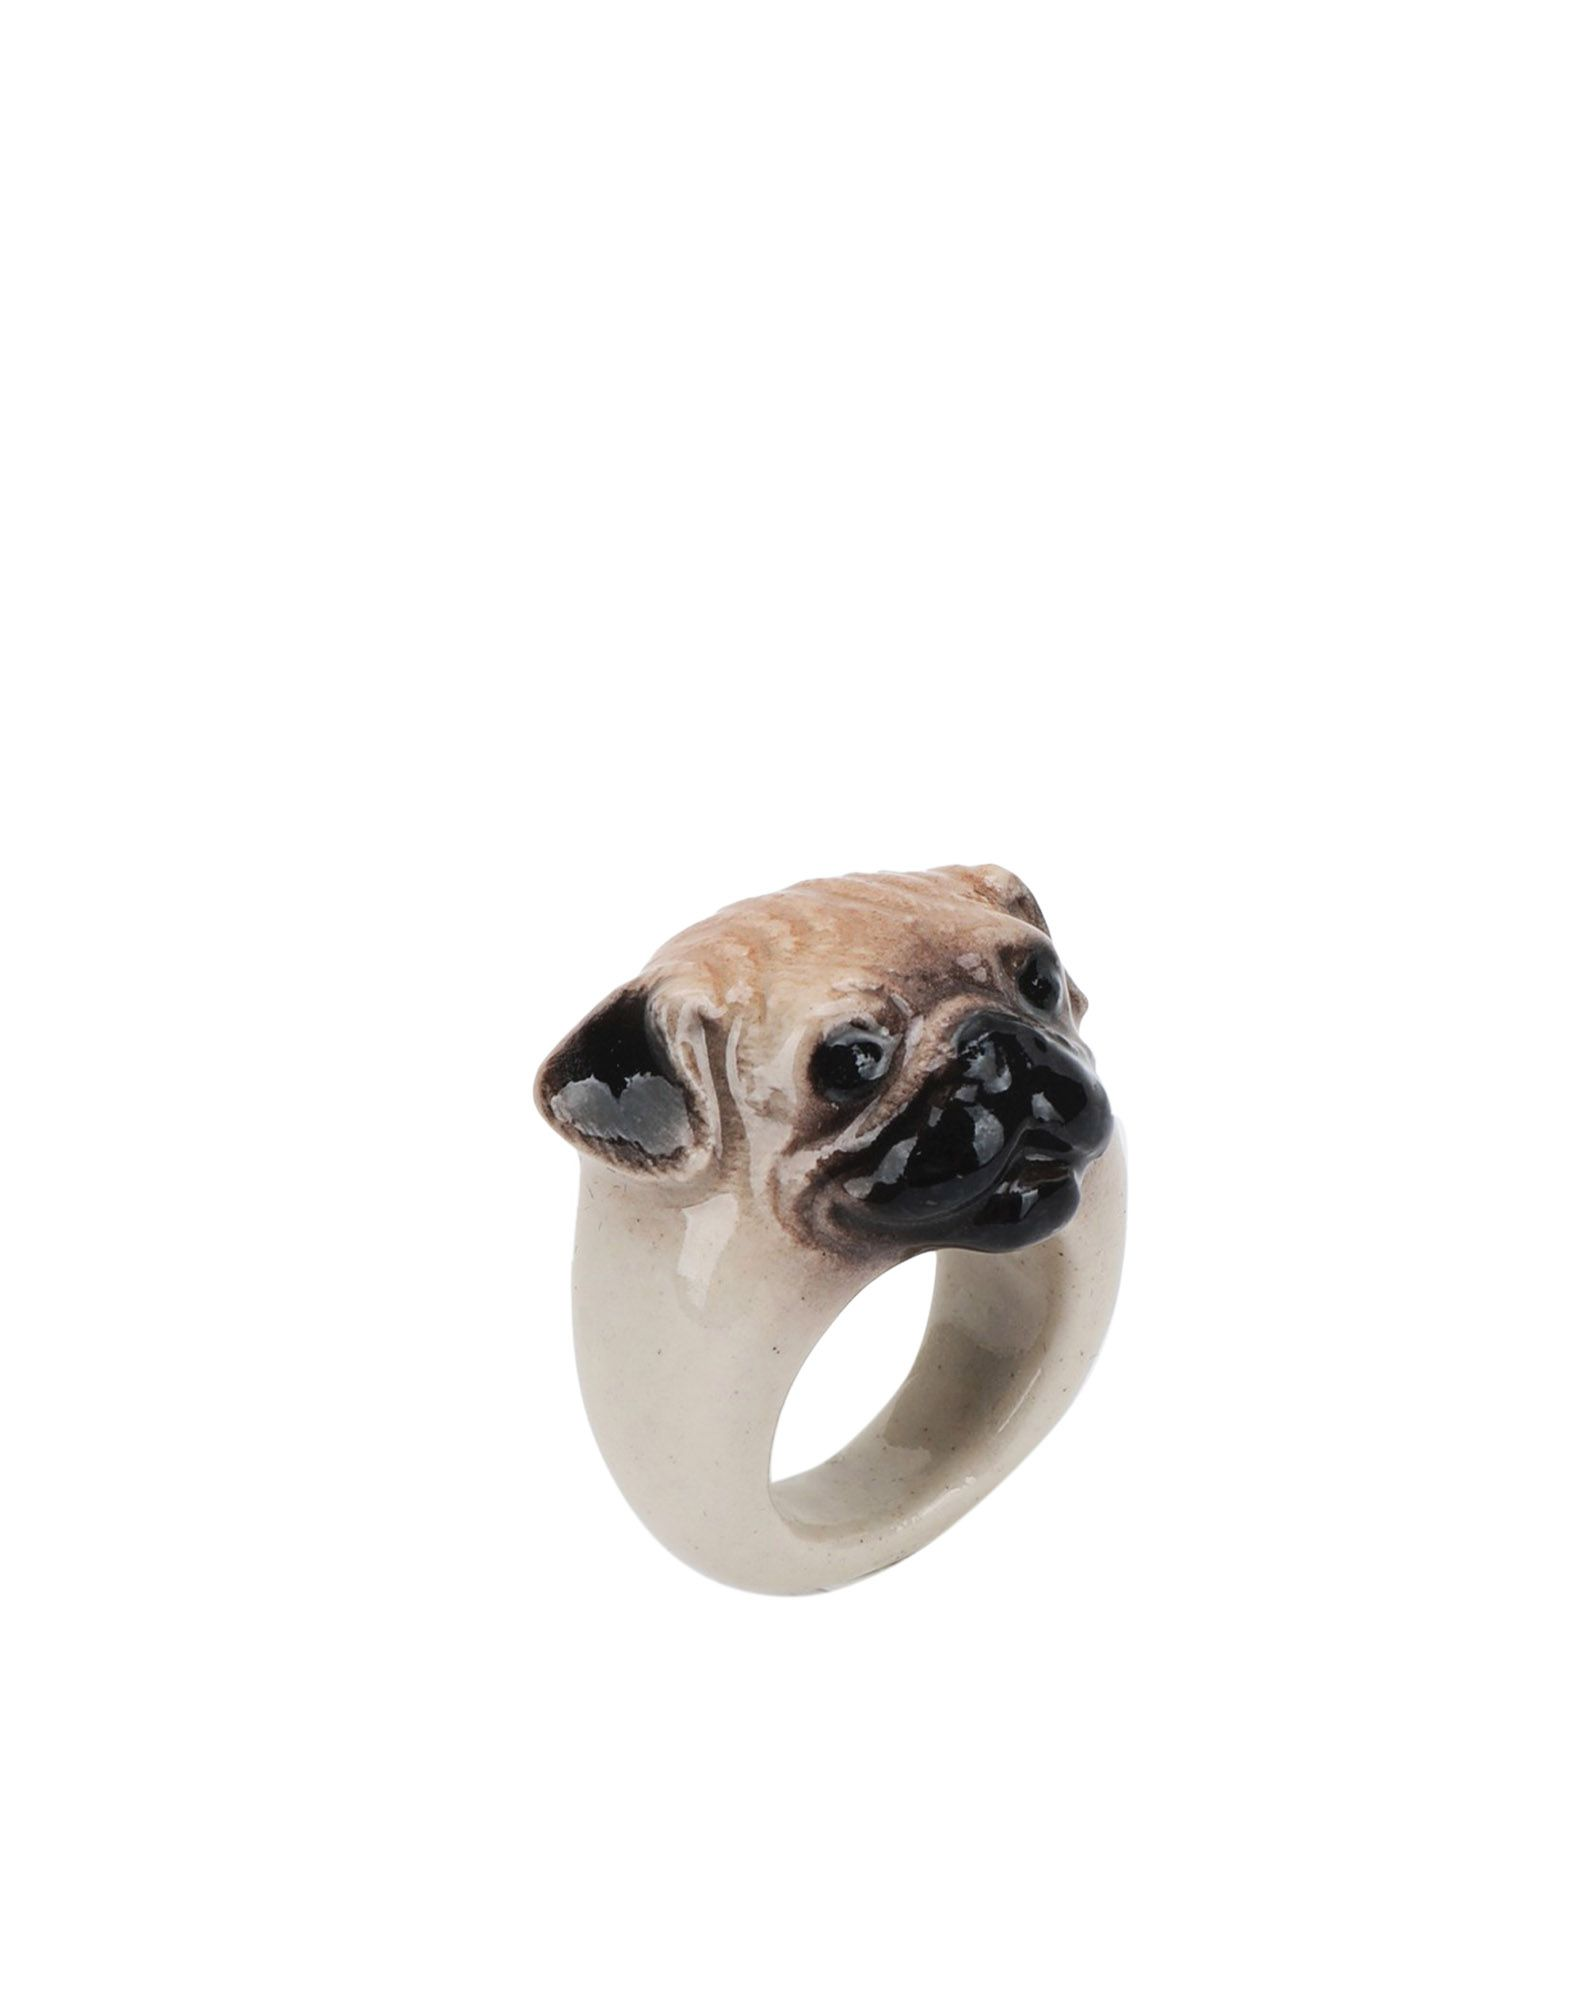 《セール開催中》NACH レディース 指輪 ゴールド M セラミック 60% / 真鍮/ブラス 40% Pug Dog ring